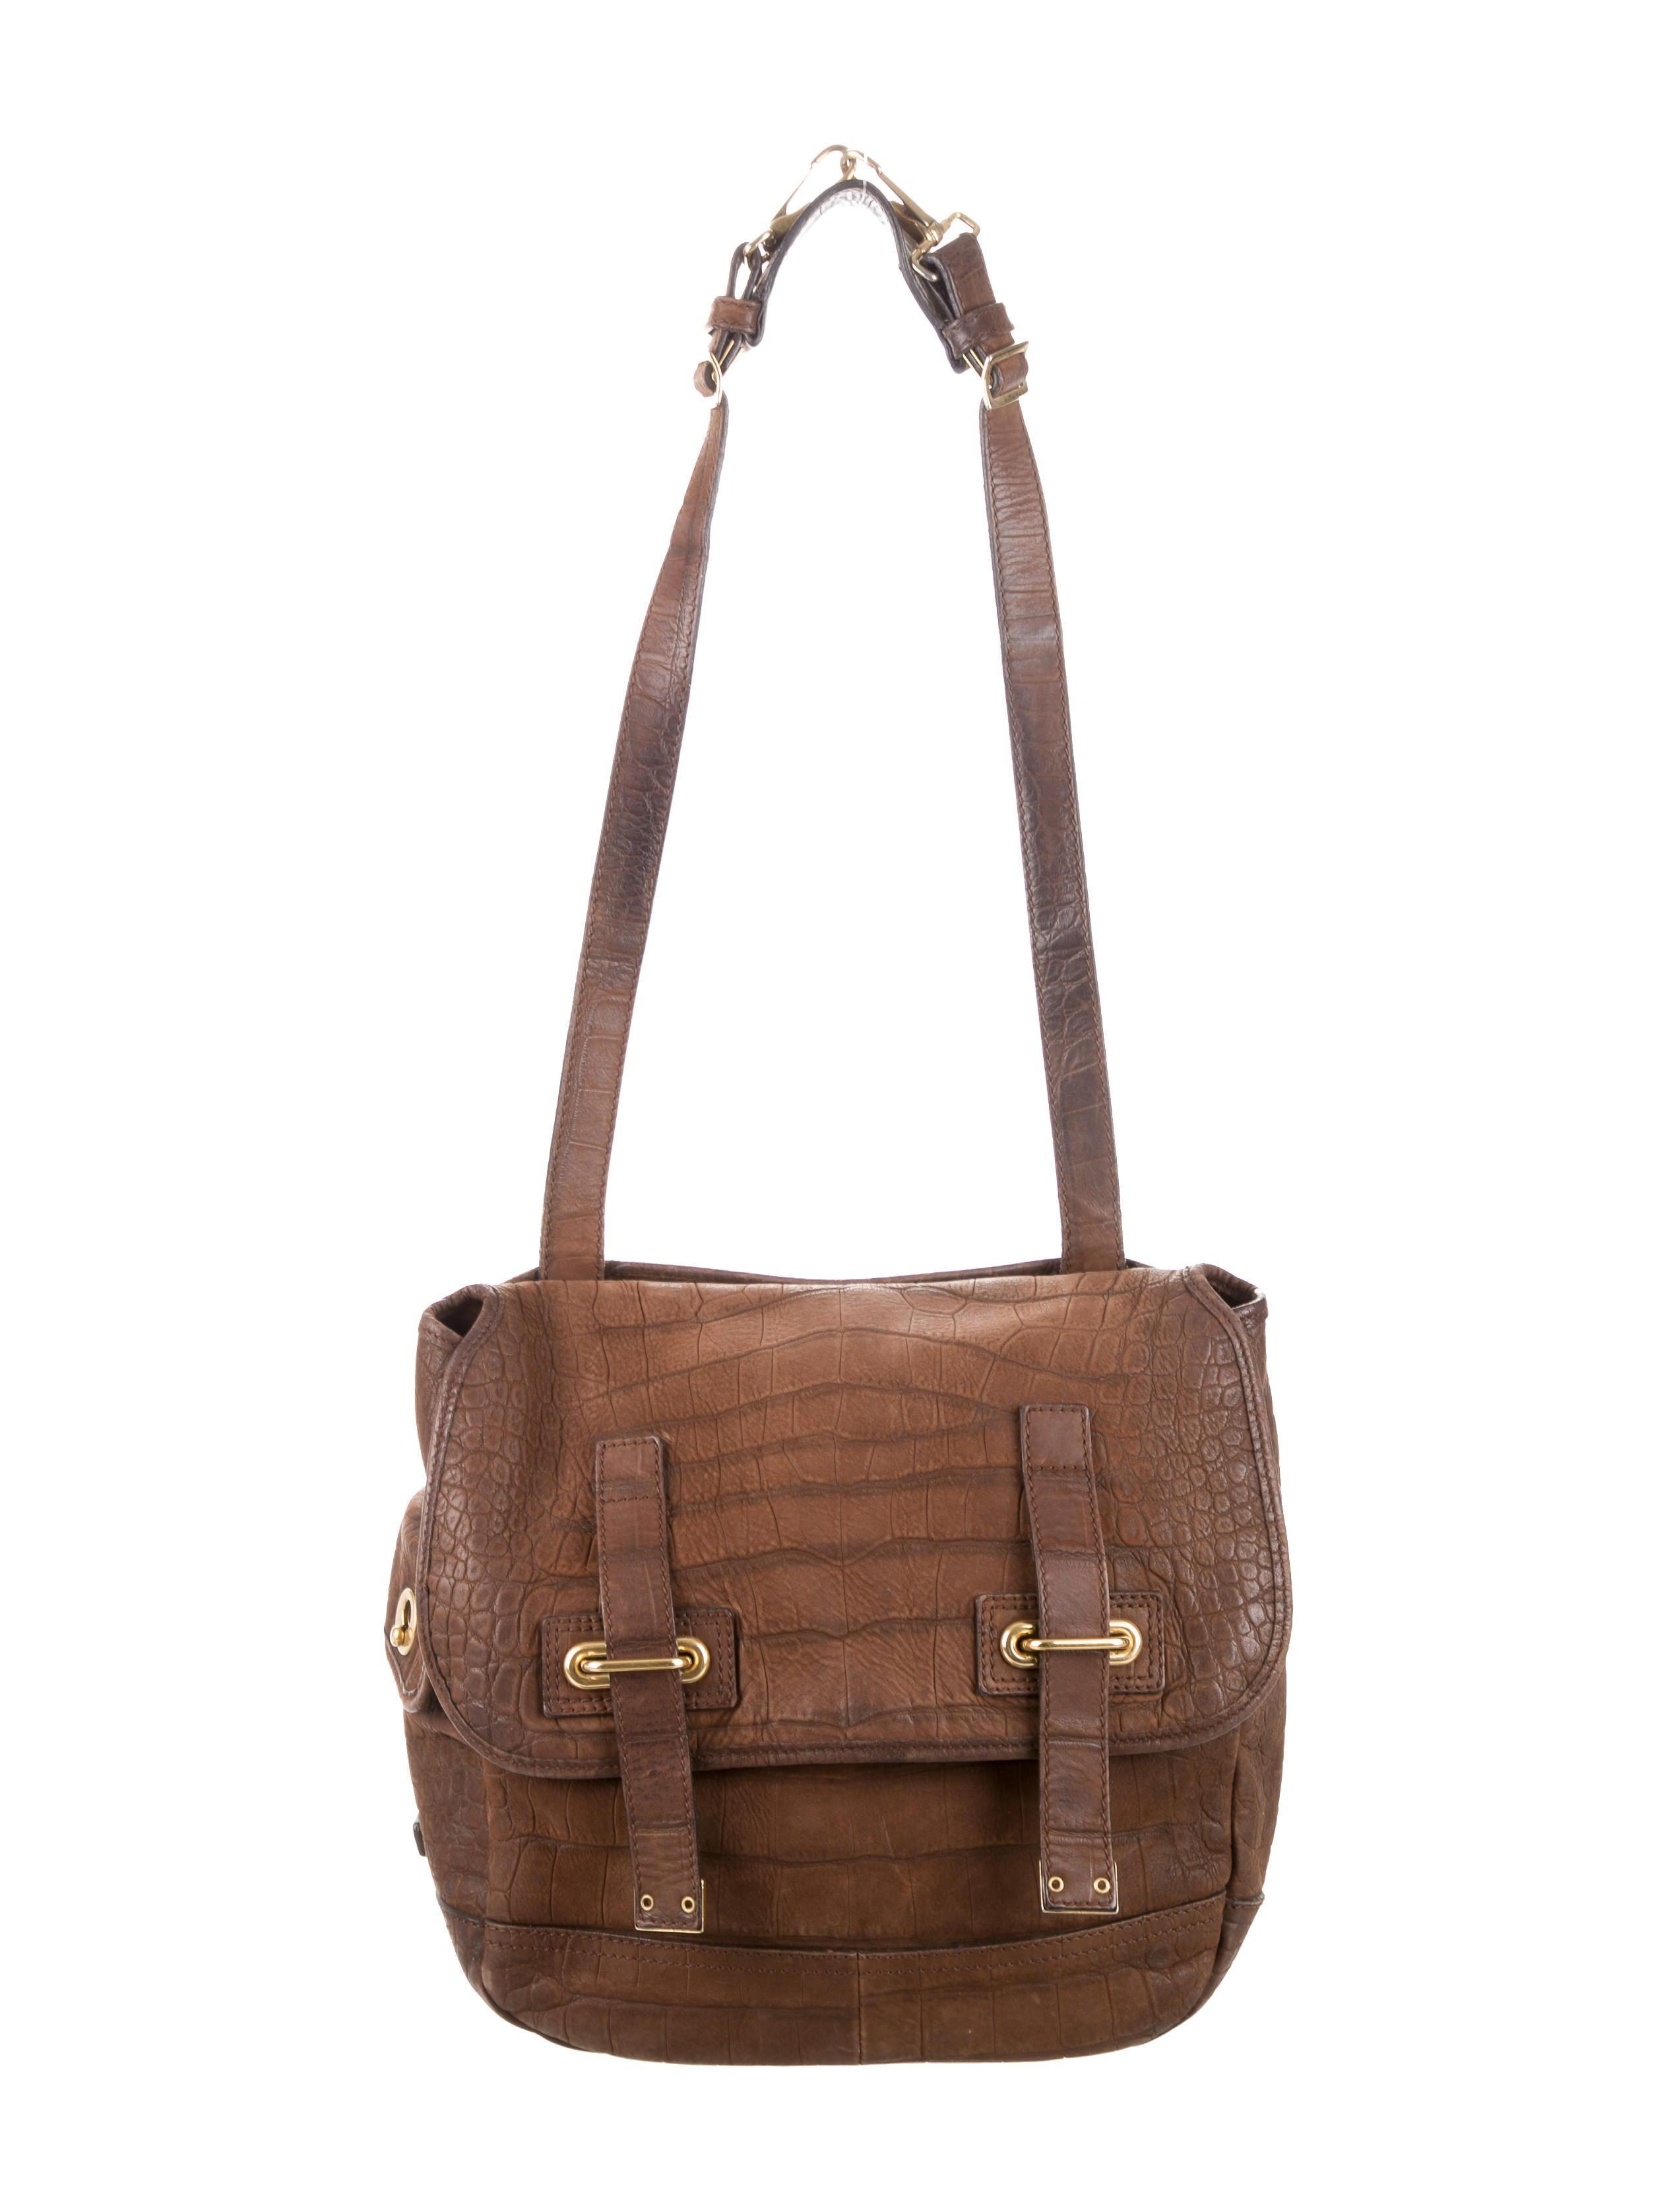 Yves Saint Laurent Embossed Besace Bag